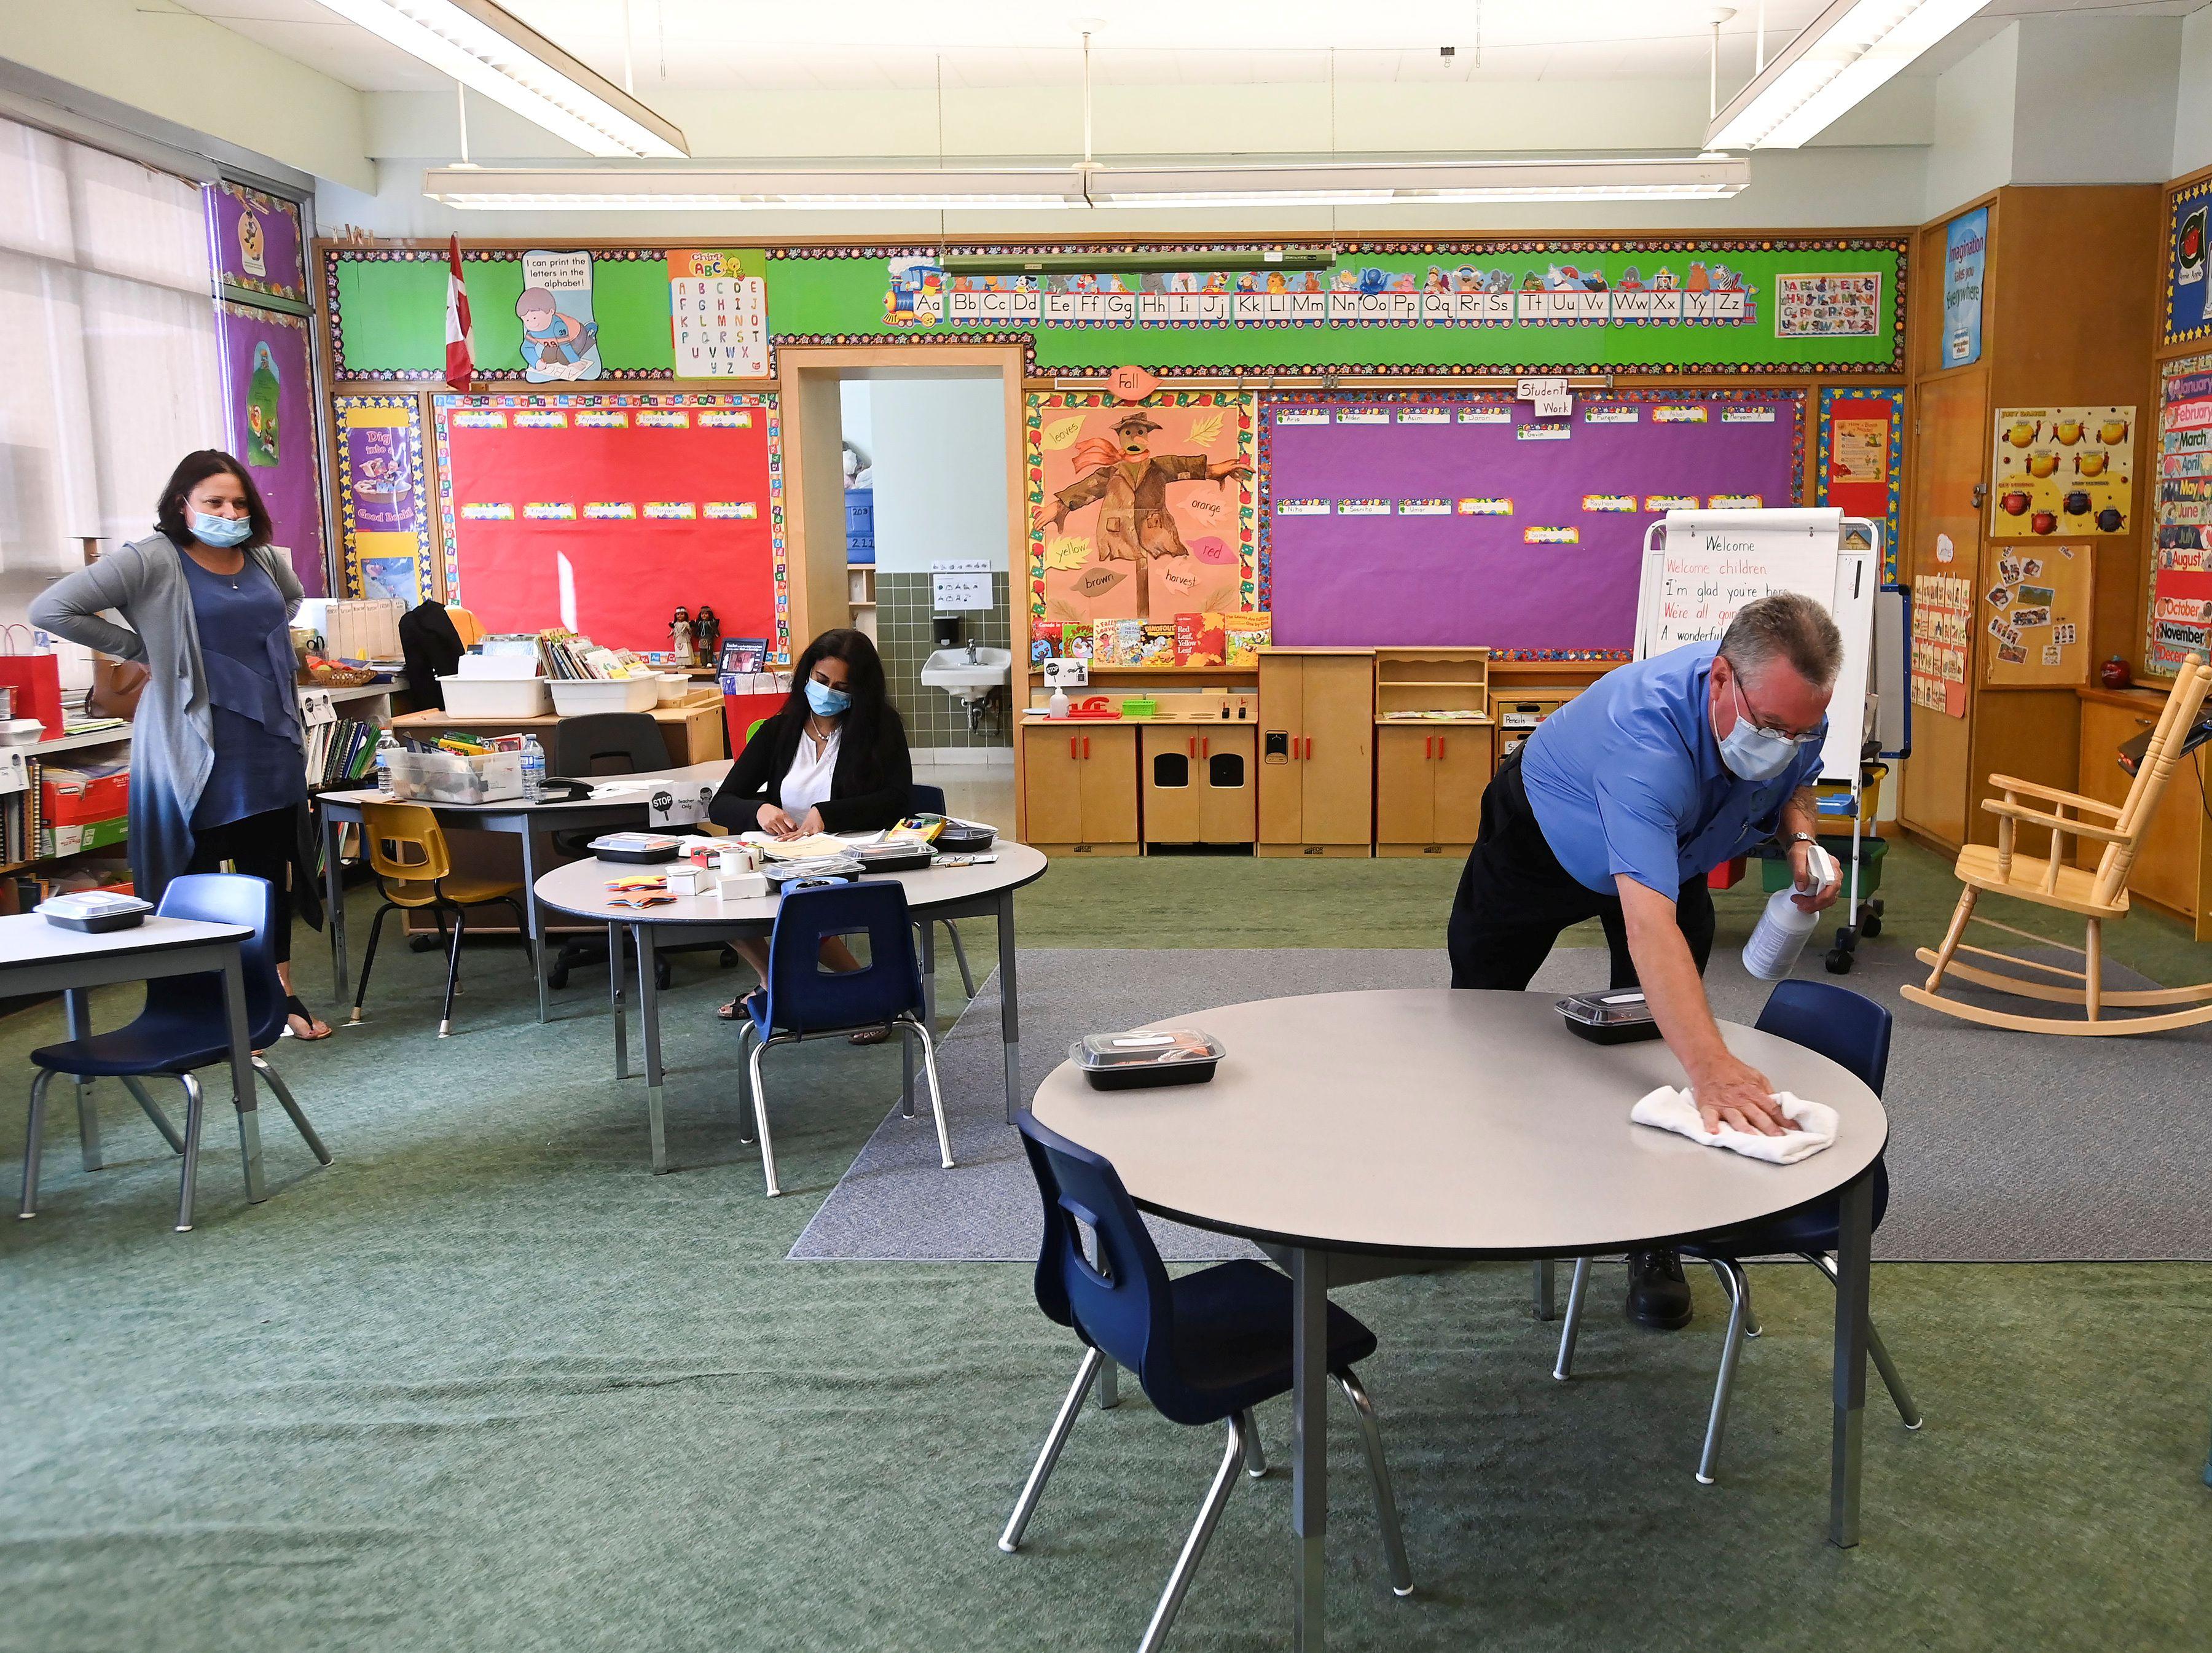 Un empleado de una escuela de Scarborough, Ontario, Canada, limpia las superficies que los docentes y alumnos utilizan -  Nathan Denette/Pool via REUTERS